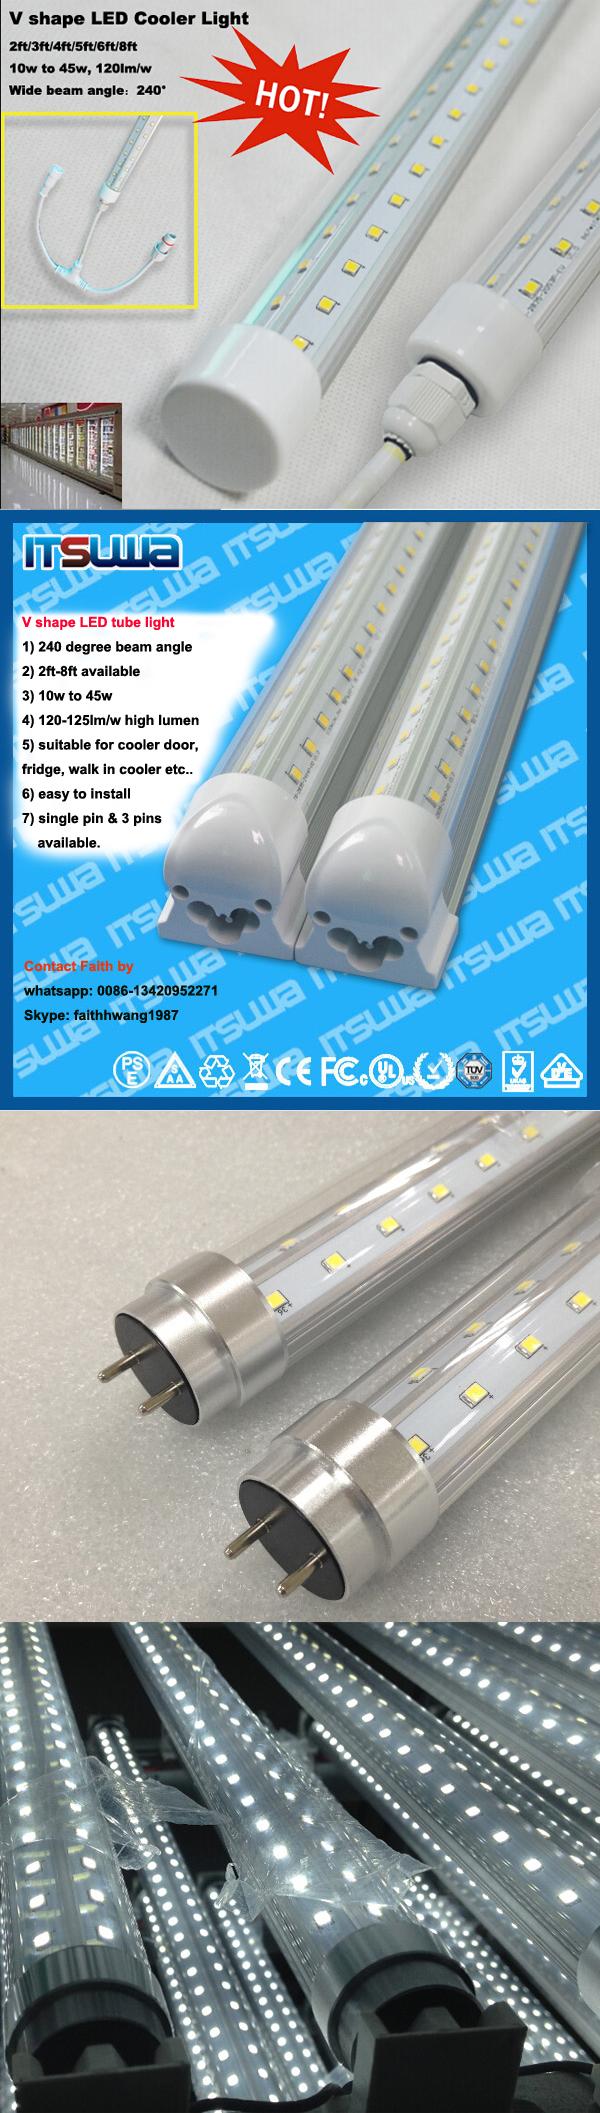 2ft T8 Grow Light Led Tube 10w For Flower Blooming Led Grow Light ...